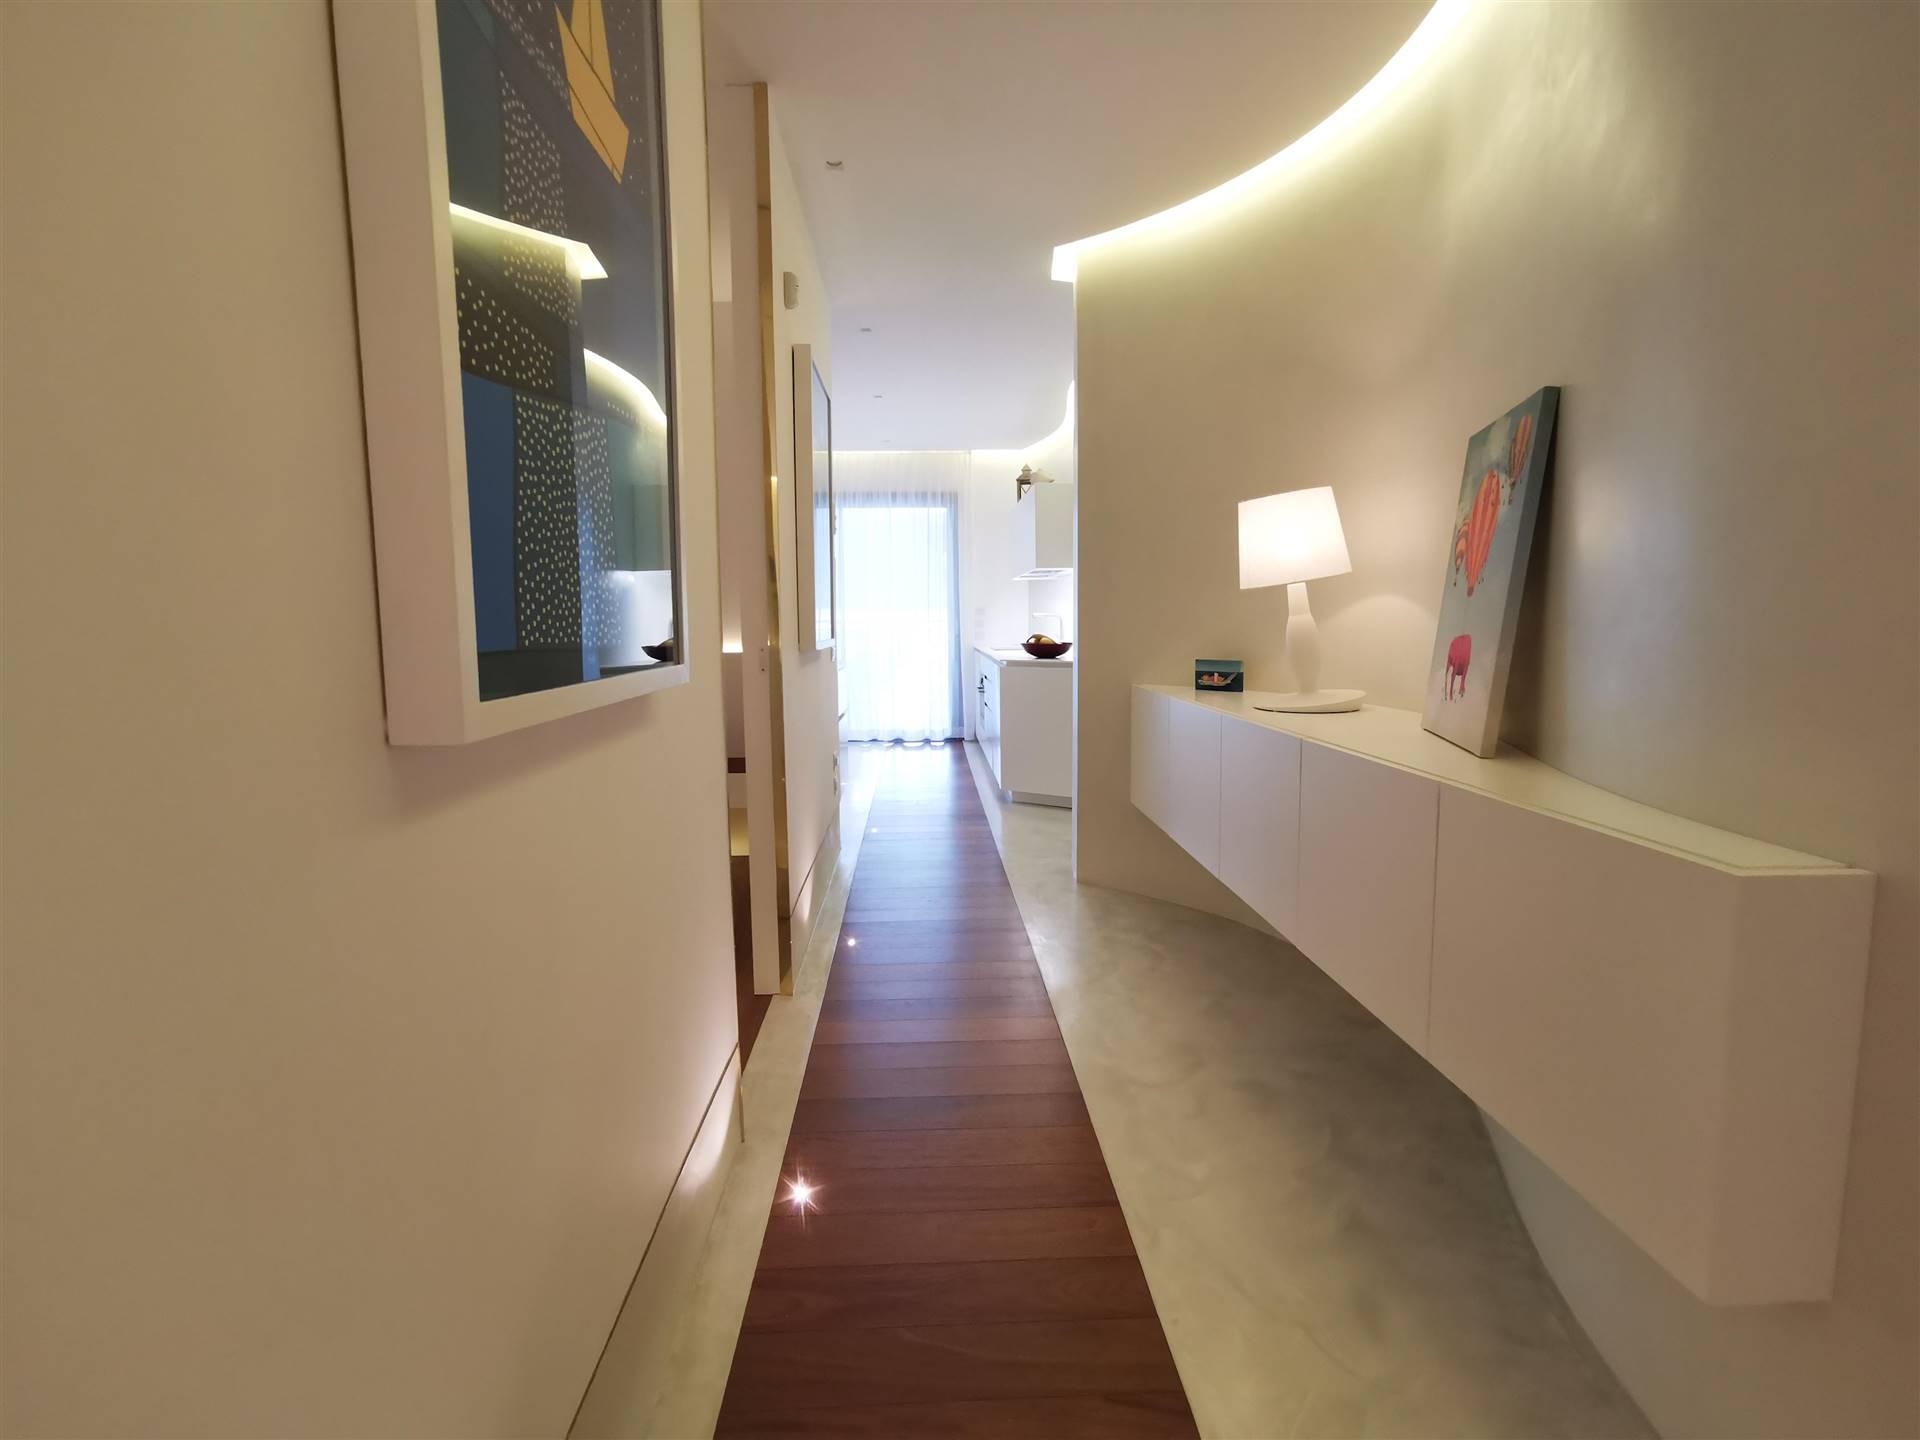 JESOLO Appartamento con due camere signorile con domotica Foto 11